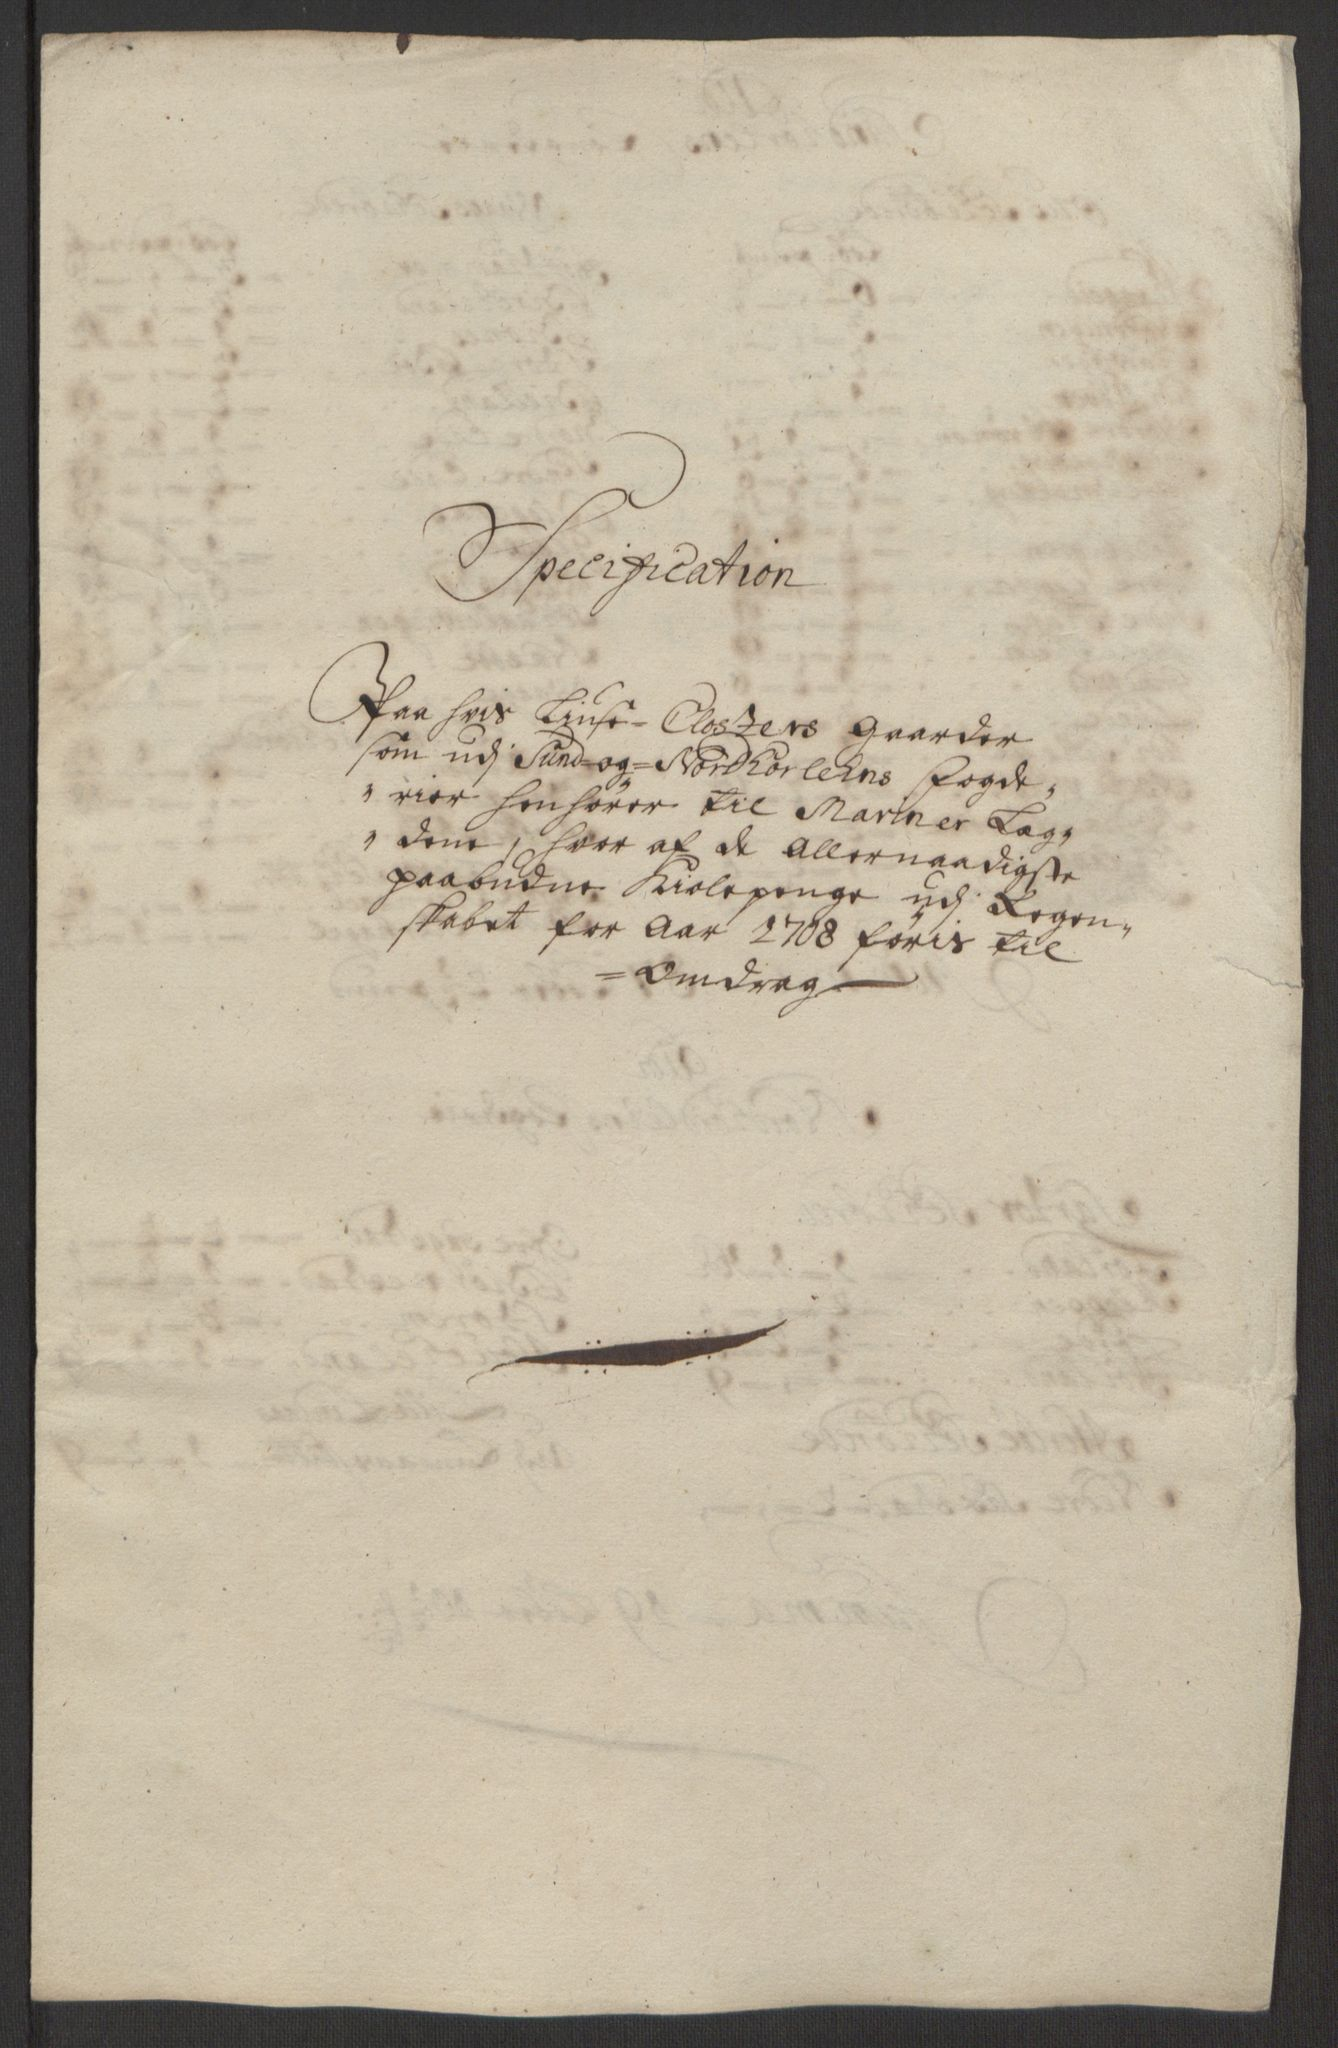 RA, Rentekammeret inntil 1814, Reviderte regnskaper, Fogderegnskap, R50/L3159: Fogderegnskap Lyse kloster, 1691-1709, s. 288